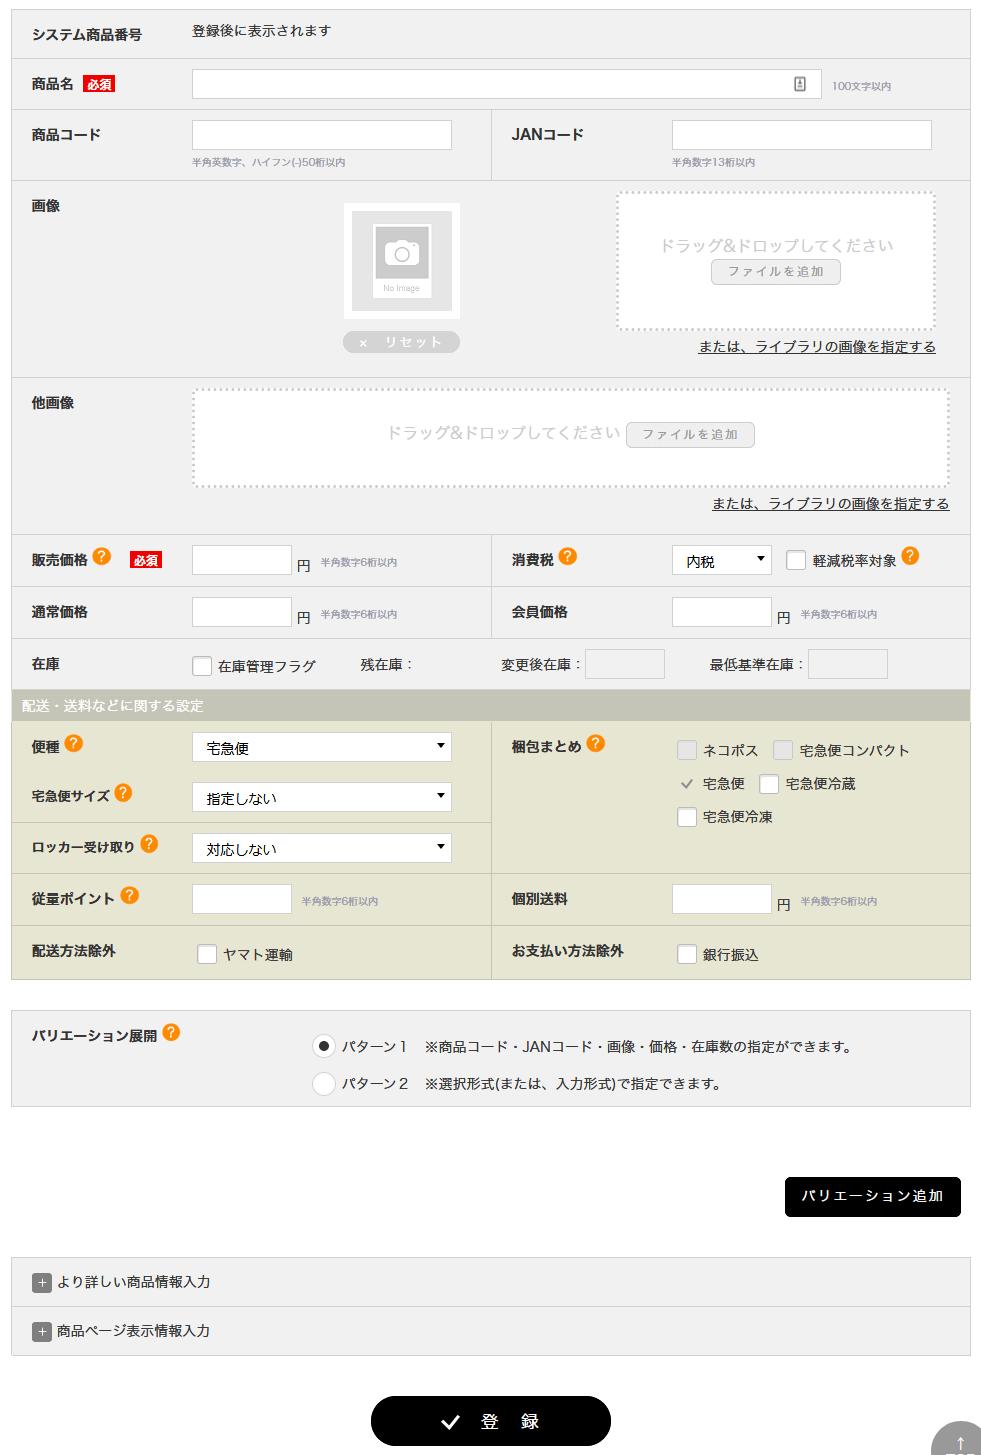 らくうるカートの商品登録画面の様子